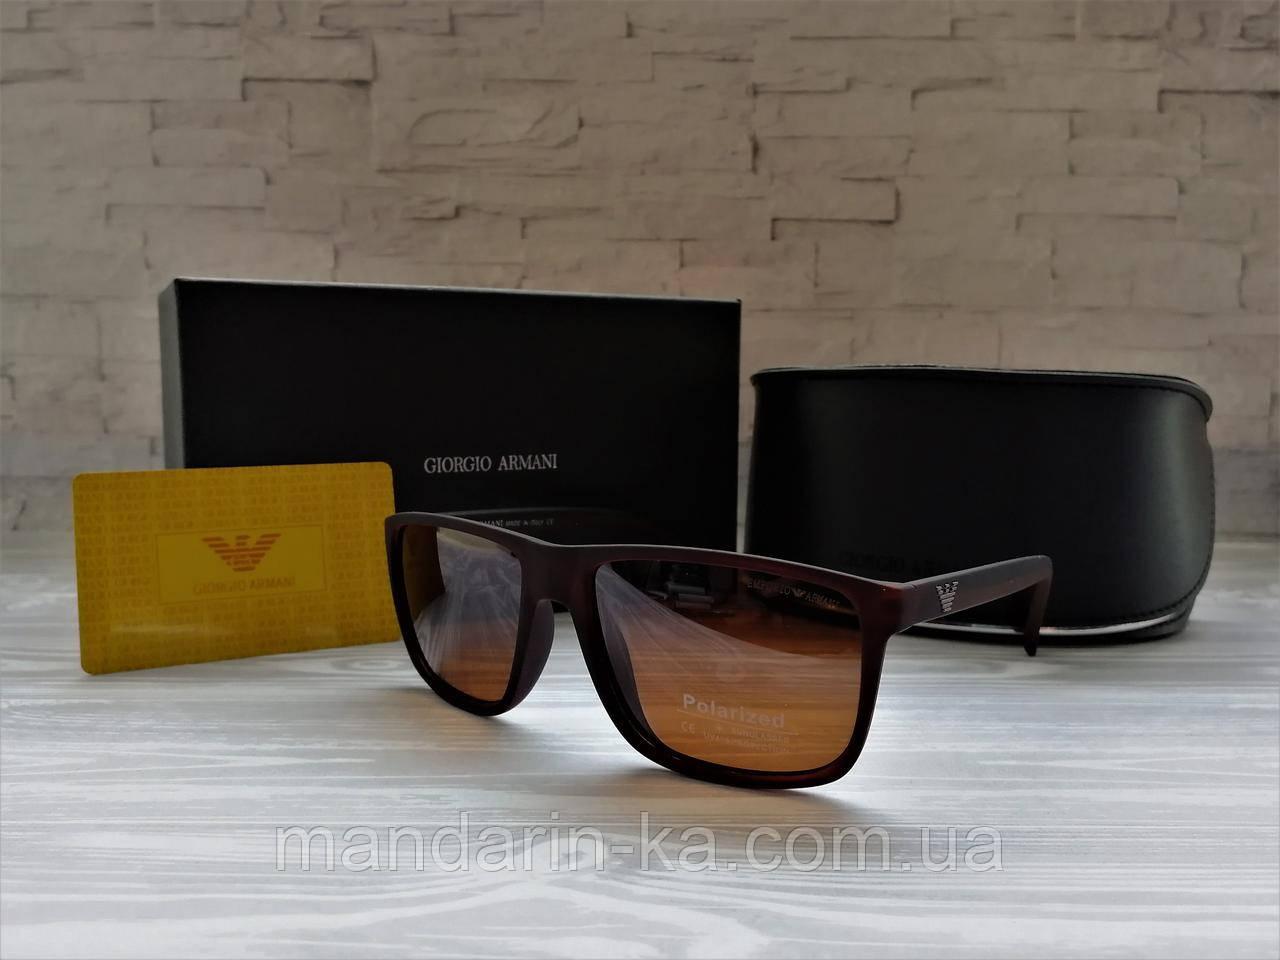 Мужские солнцезащитные очки (реплика)